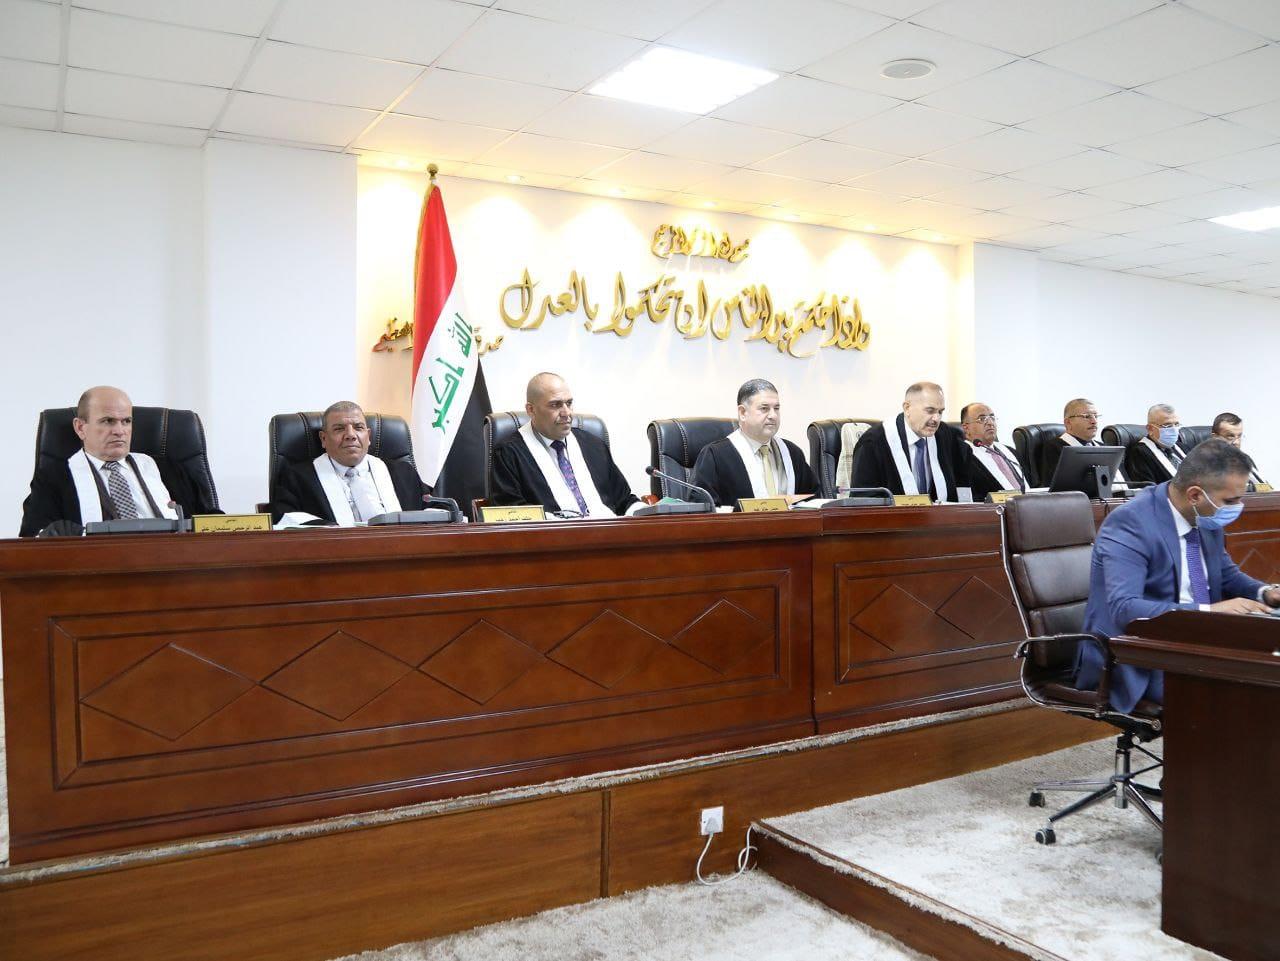 الاتحادية تقضي بعدم دستورية المادة ١٤ / اولاً من قانون التعديل الثالث لقانون المحافظات باستثناء كردستان